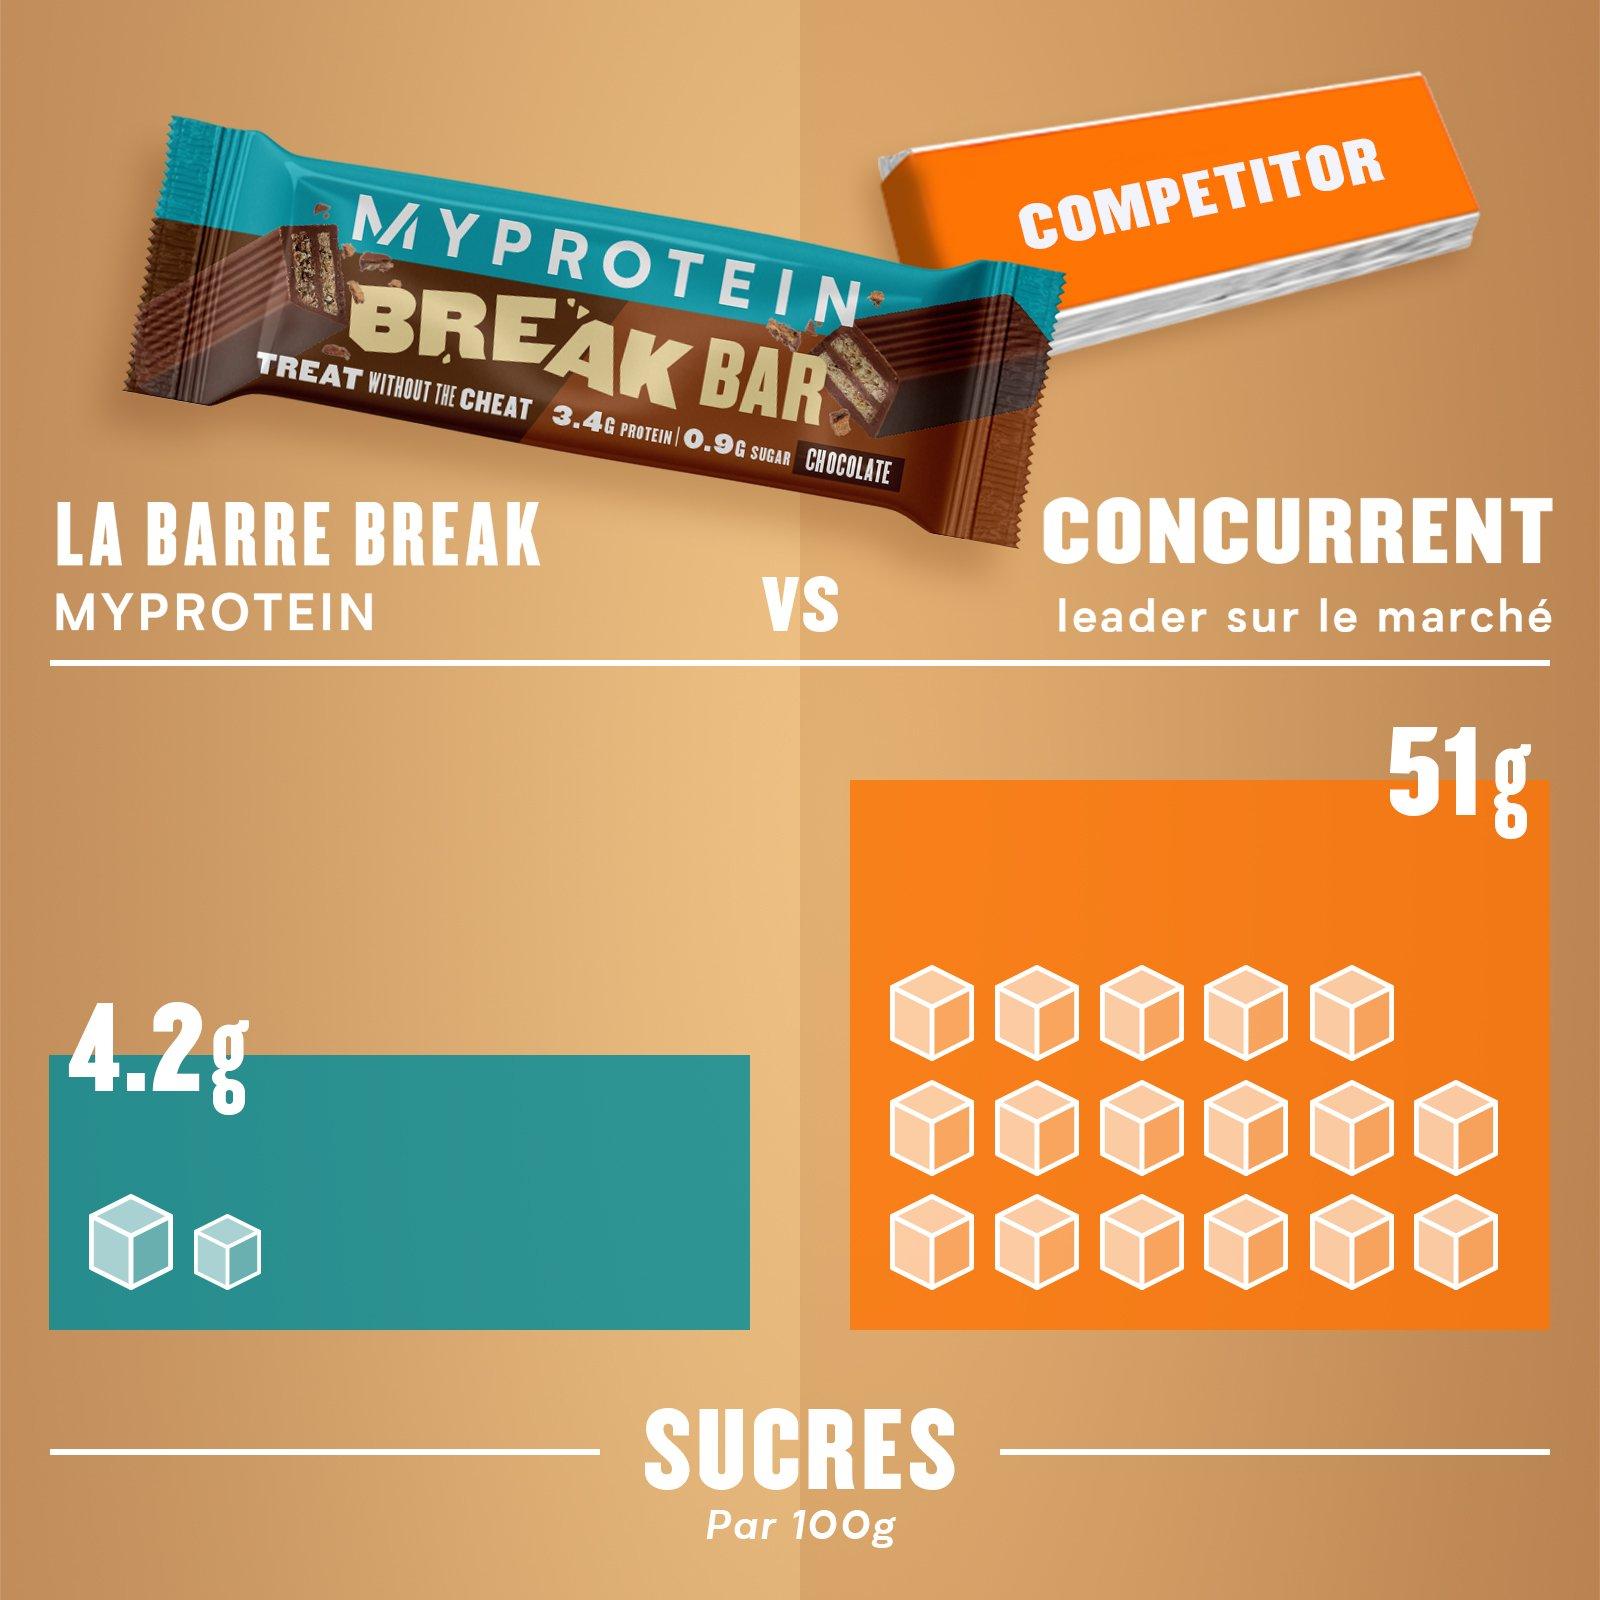 sucre break bar